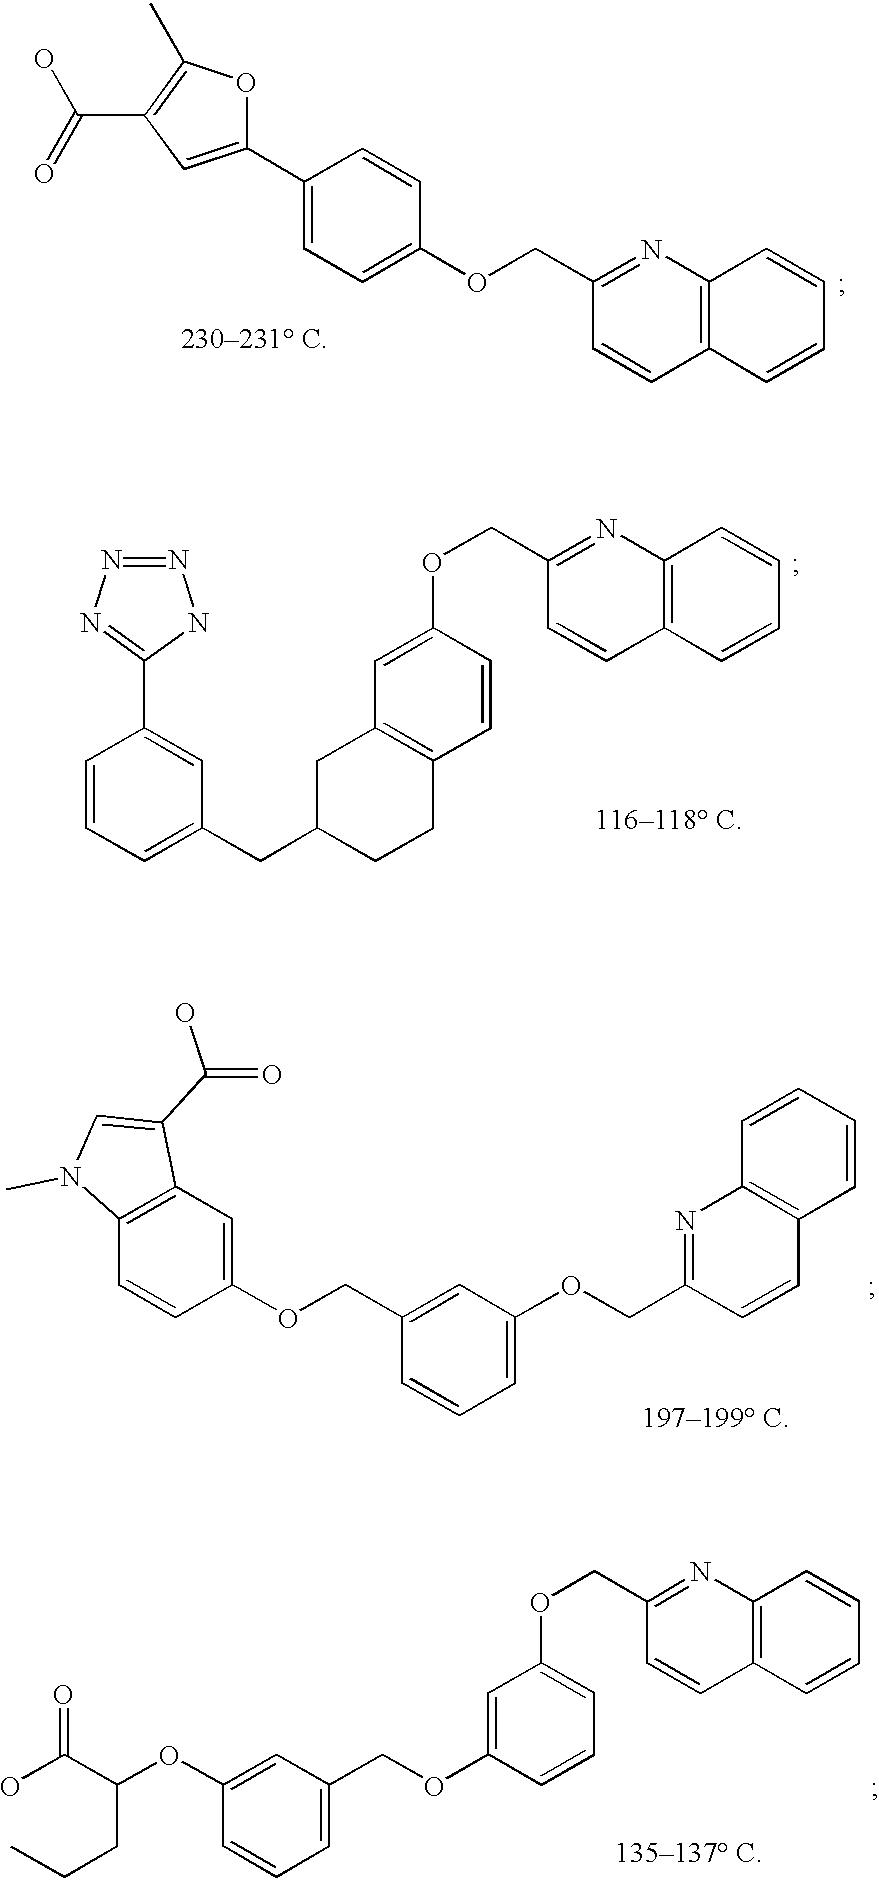 Figure US20030220373A1-20031127-C00300